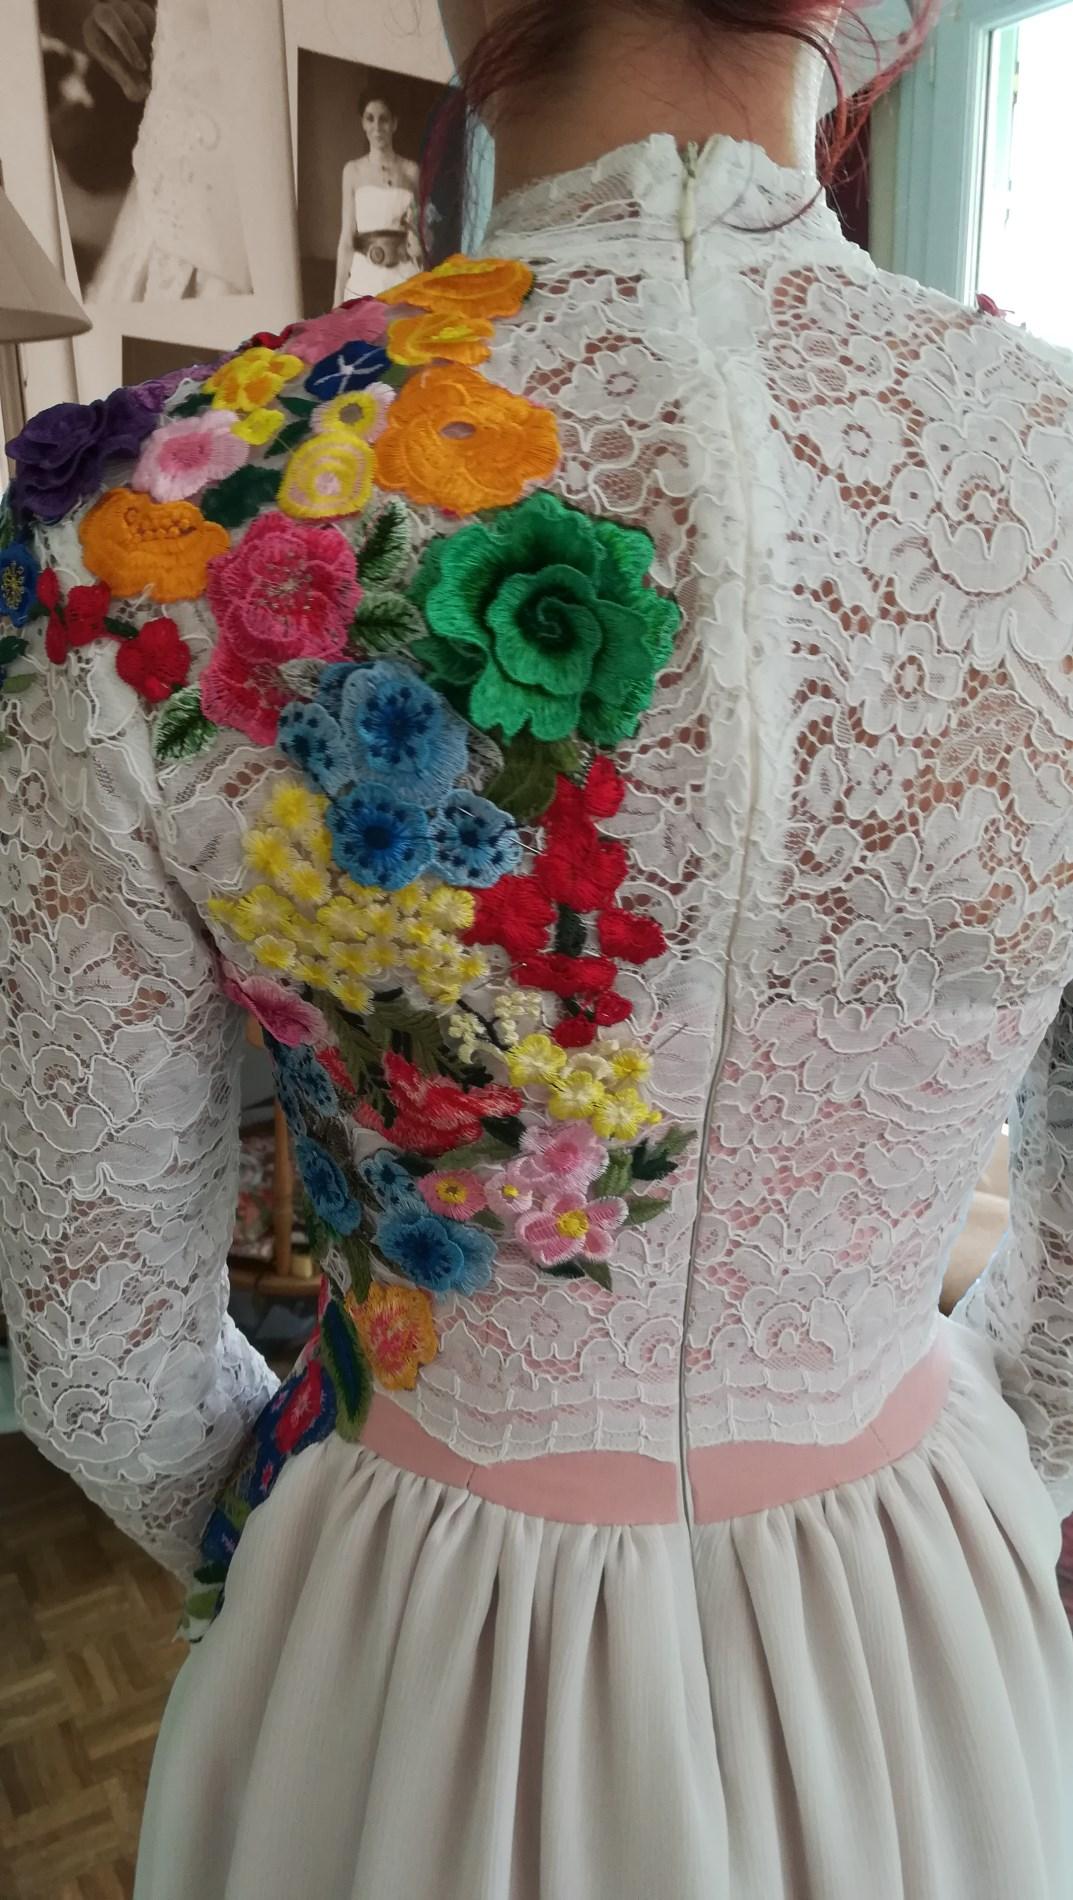 robe de mariée colorée par des fleurs appliquées sur un bustier en dentelle détail Upcycling